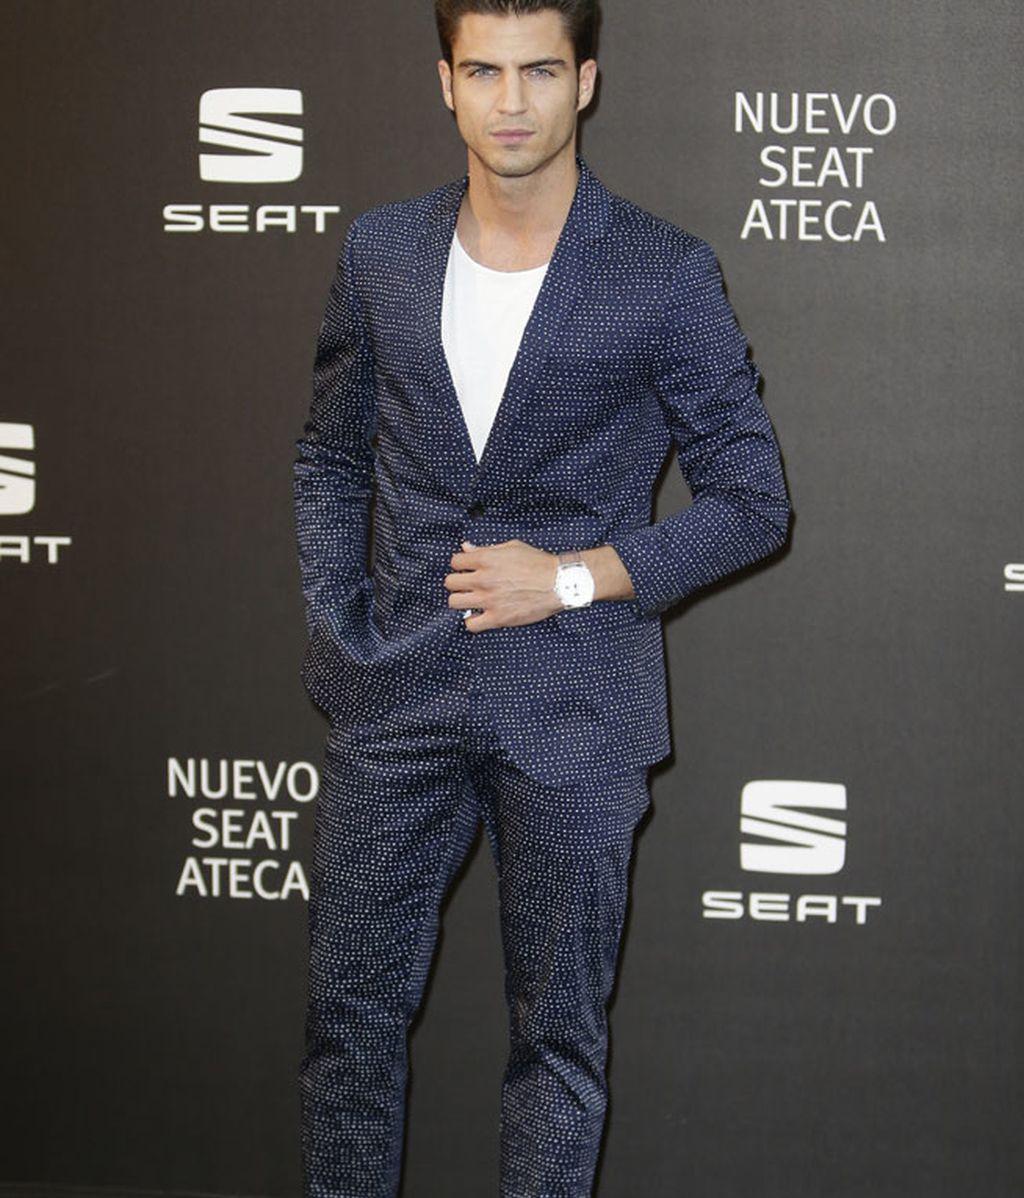 Maxi Iglesias, traje con camiseta y zapatillas blancas